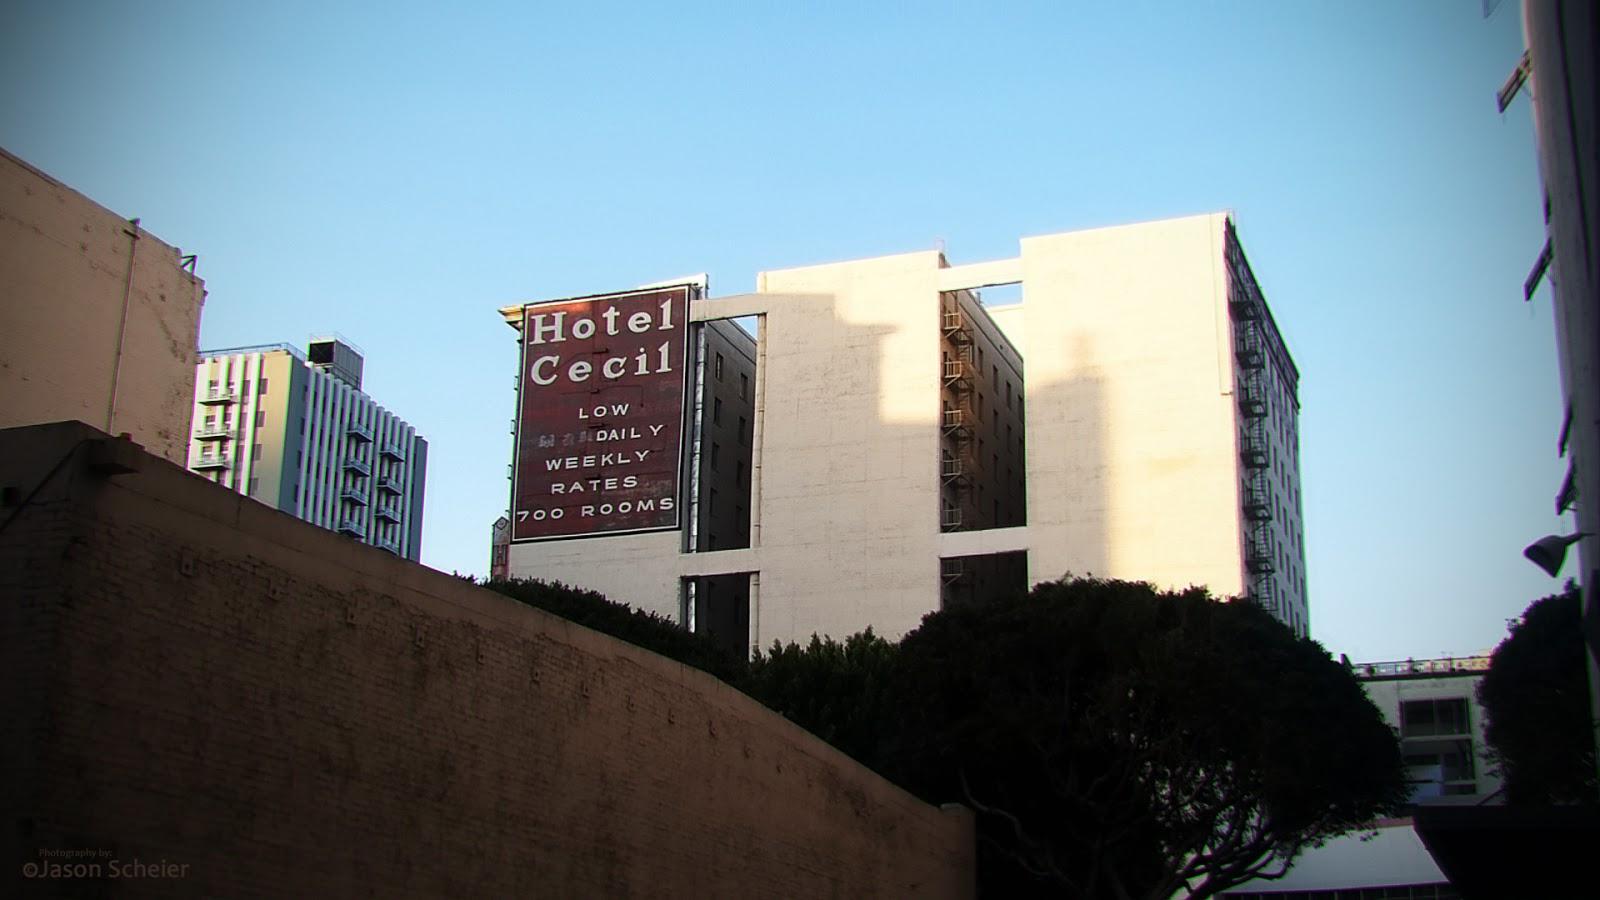 Phantom los angeles hotel cecil downtown los angeles for Haunted hotels in los angeles ca